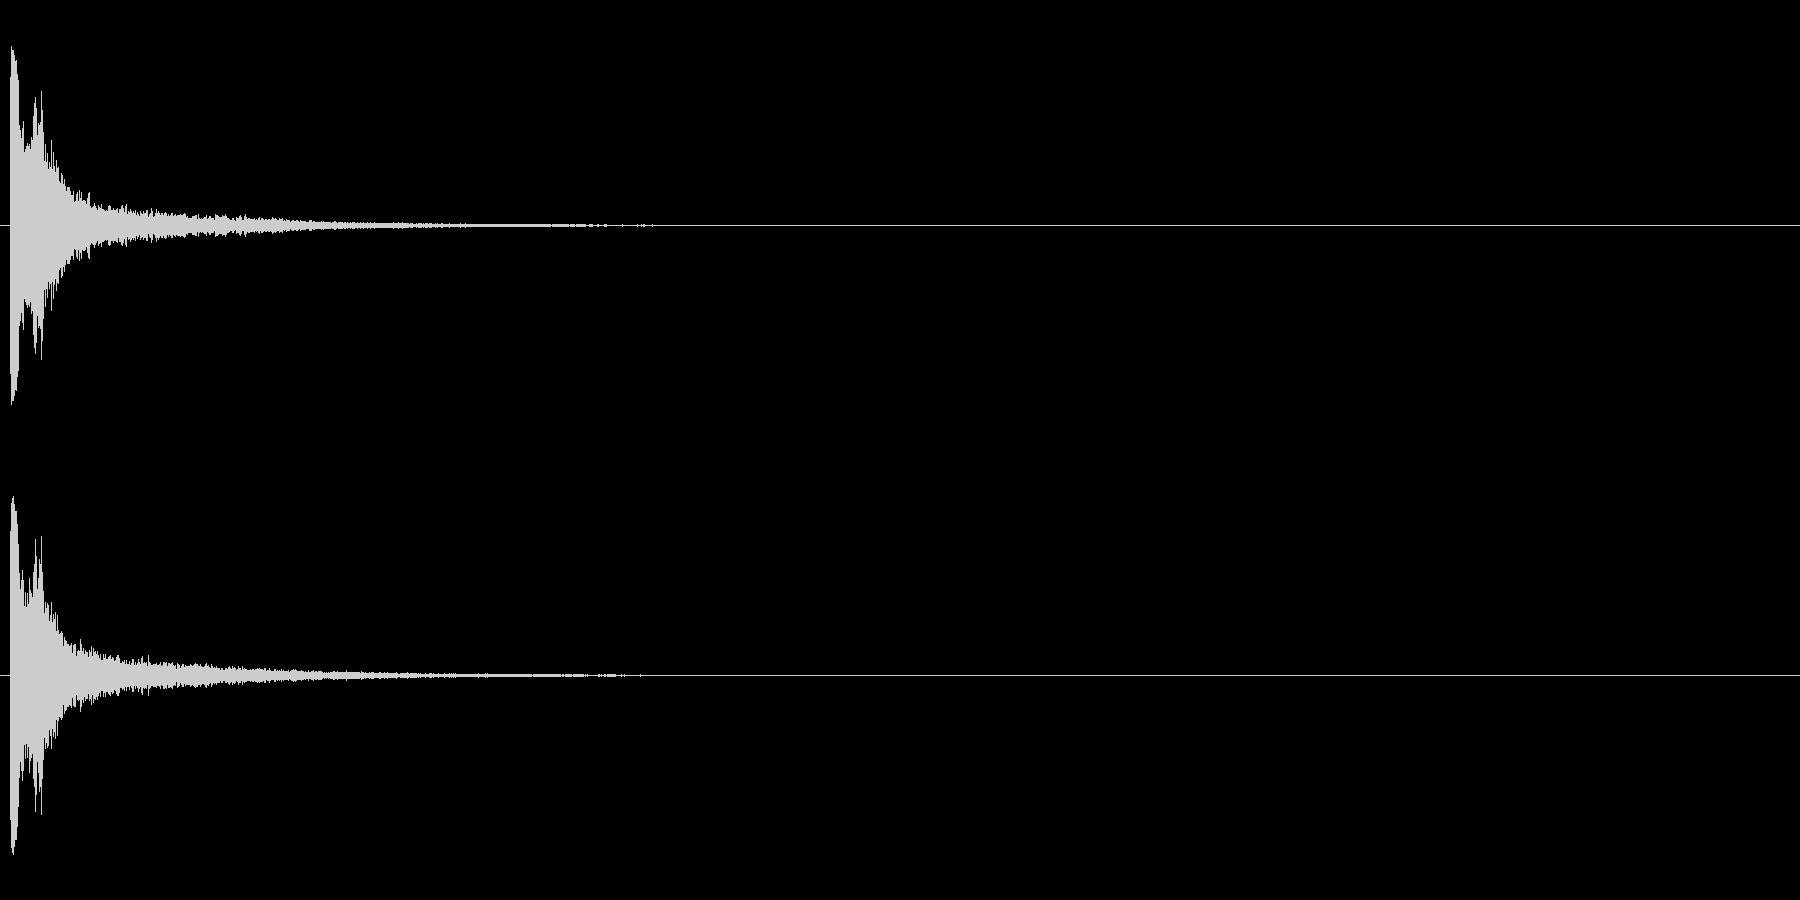 レーザー音-02-1の未再生の波形